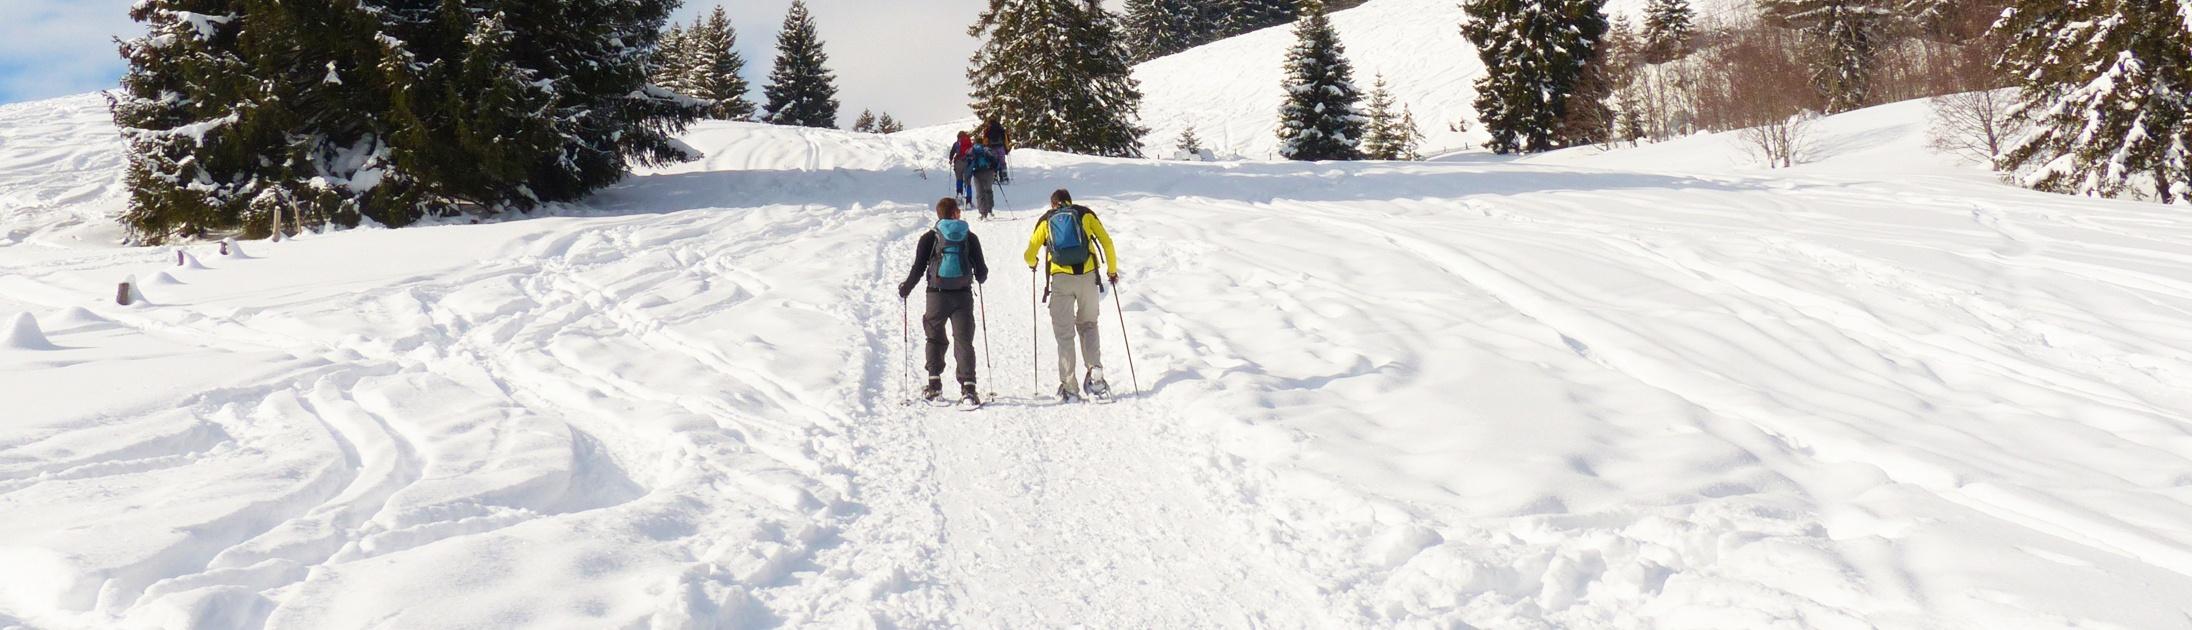 Séjour au ski ou randonnée en raquettes en groupe